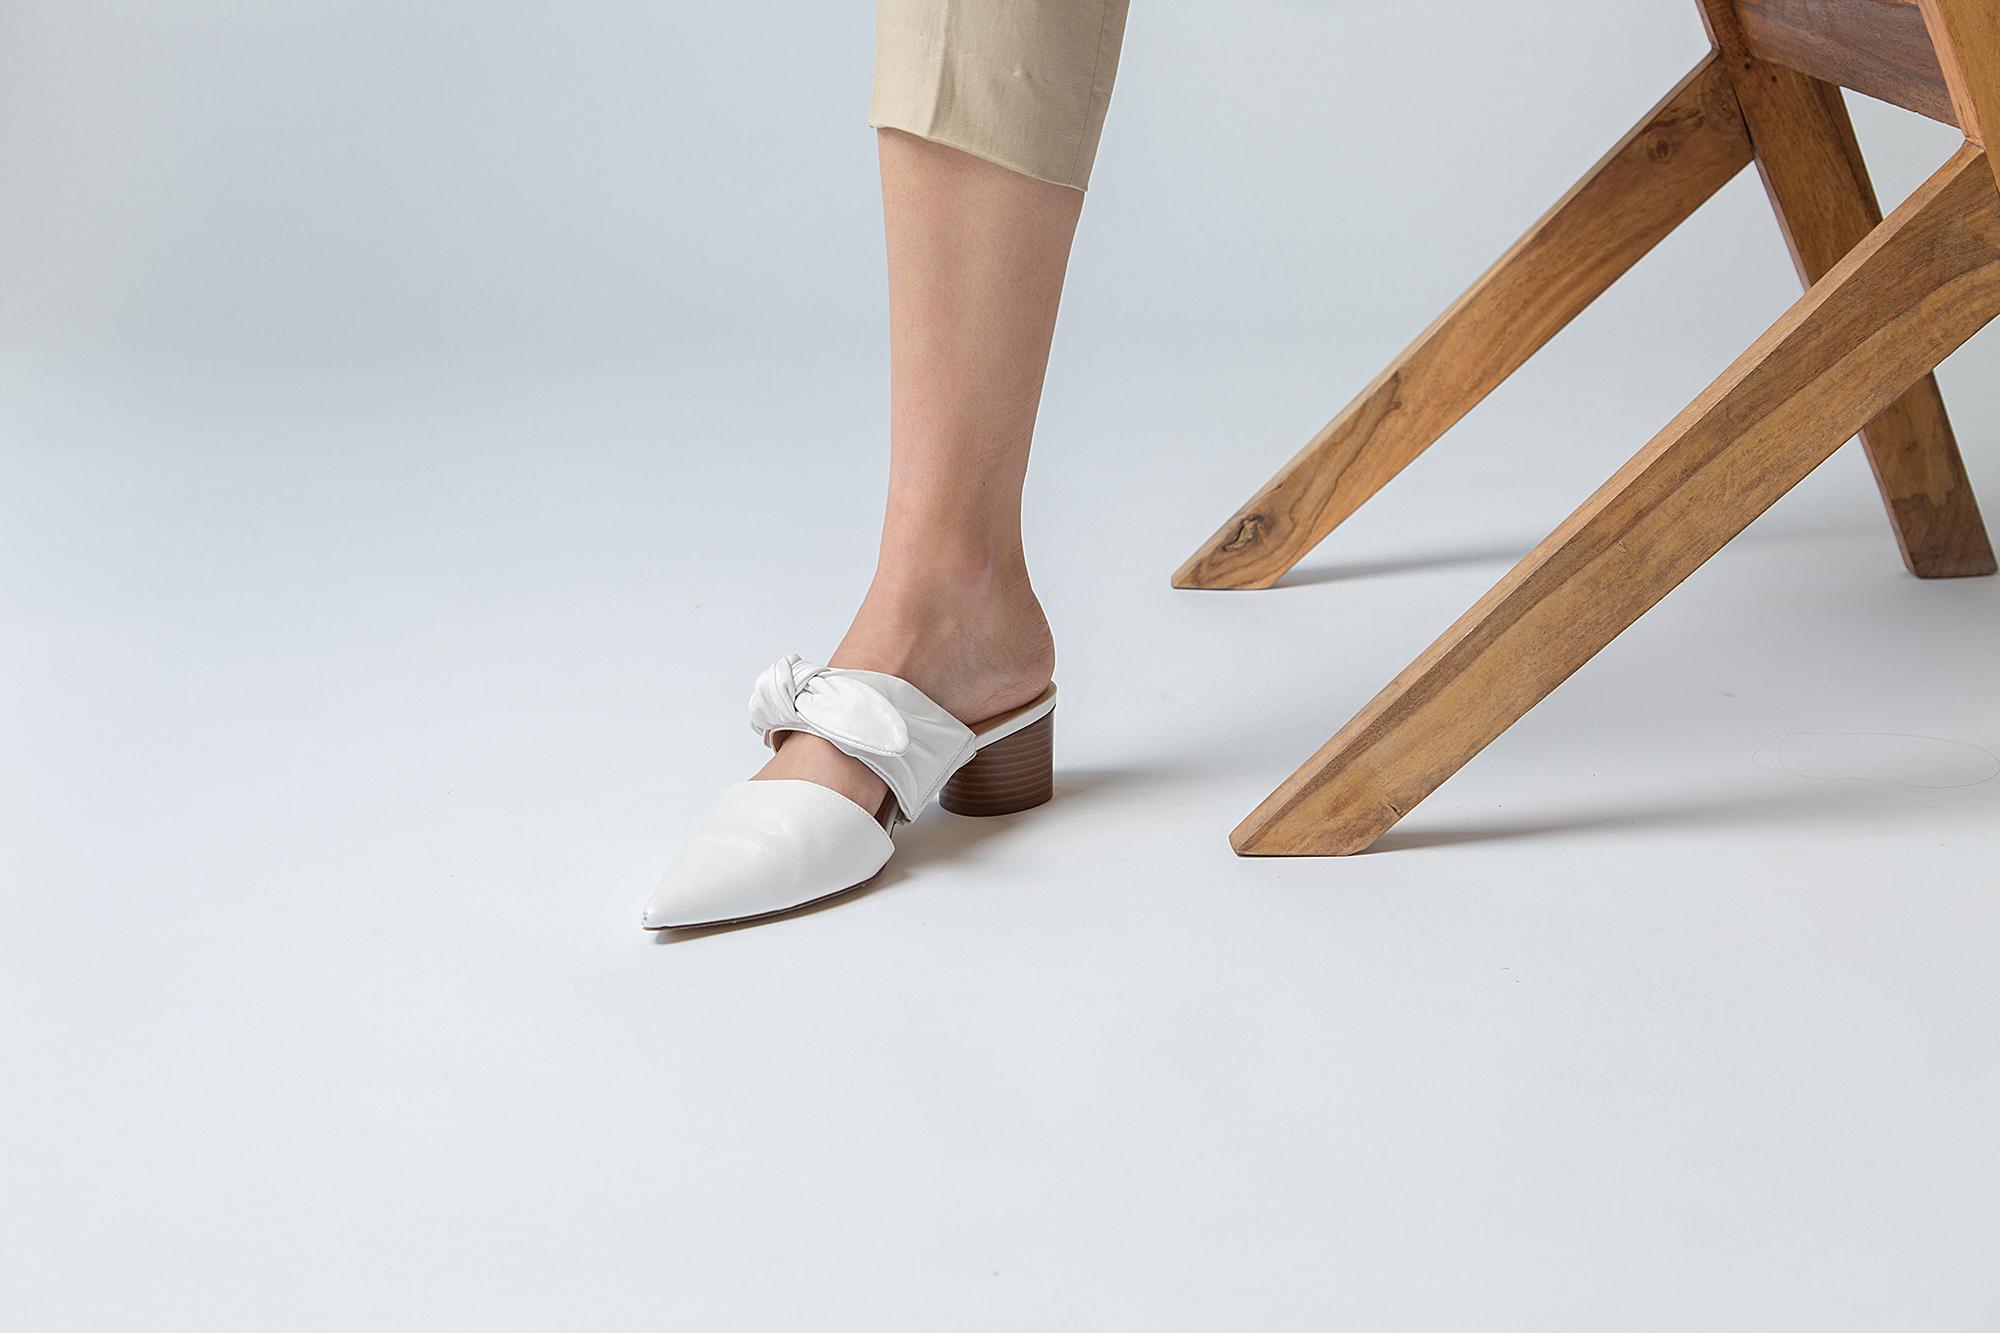 Lewit pants,Nine West shoes